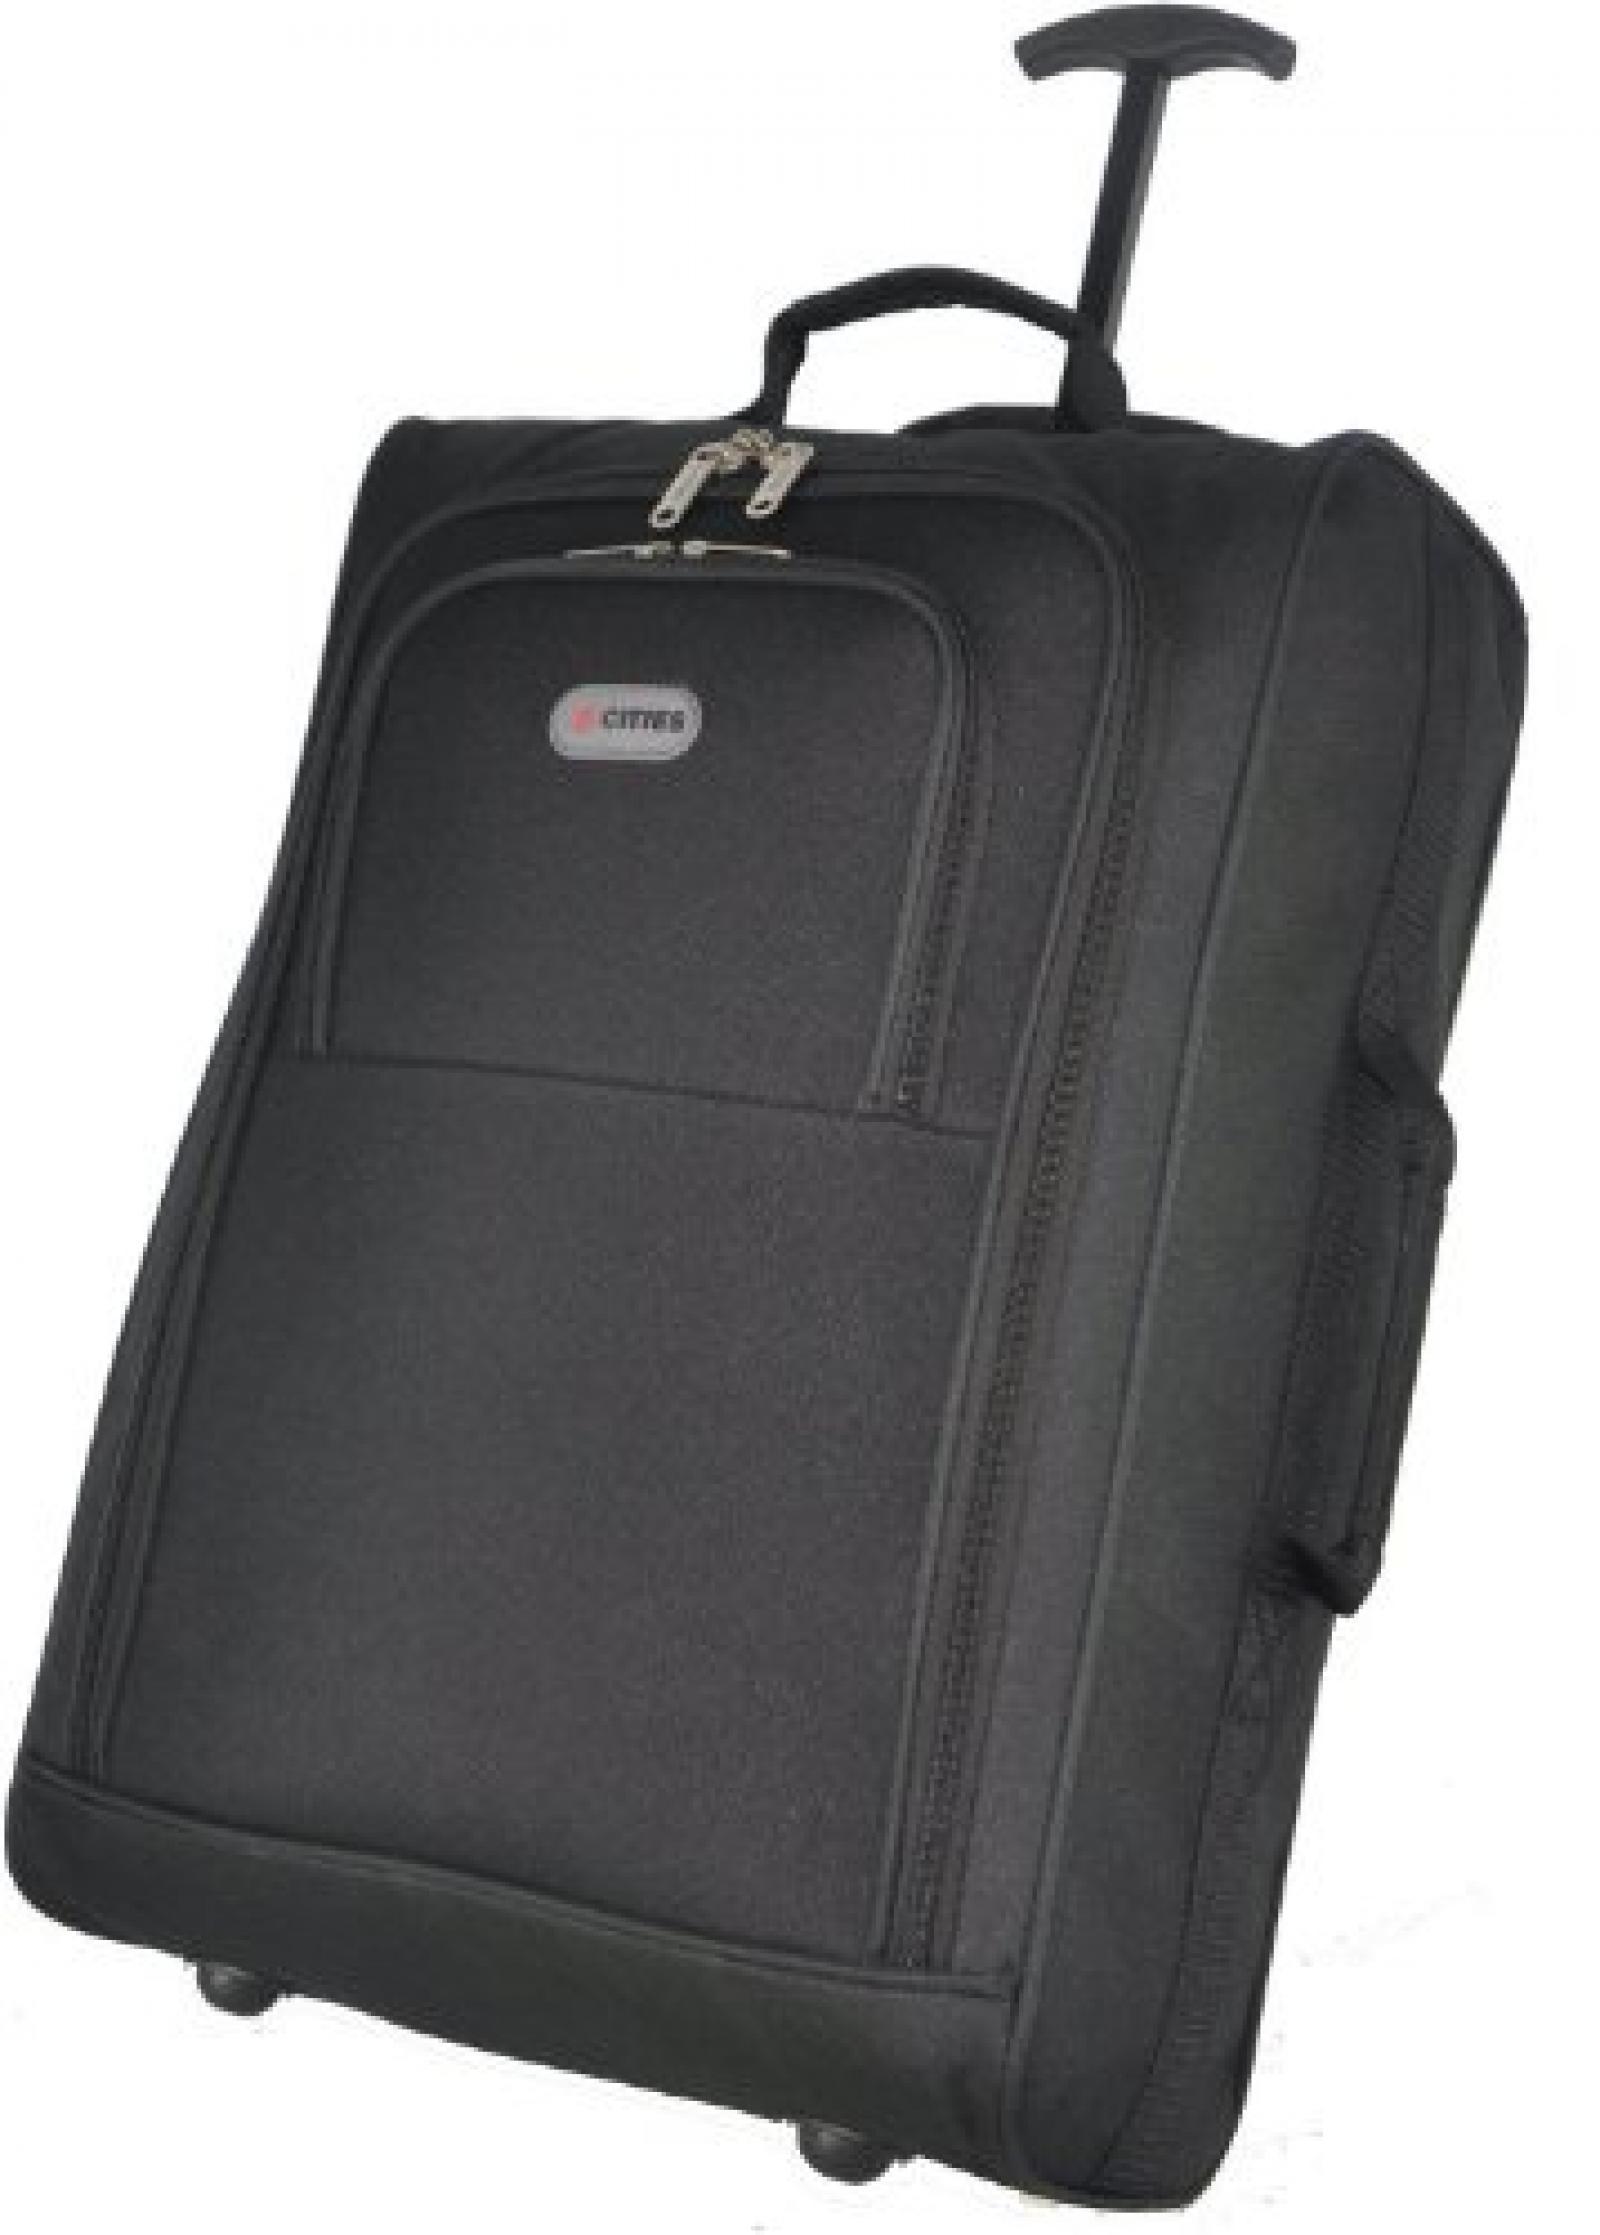 5 Cities® Leichtbeton Handgepäck Taschen Reisegepäck Koffer Cabin Approved Wheely Bag Ryanair Easyjet und viele andere - 1.4k - 40 Liter